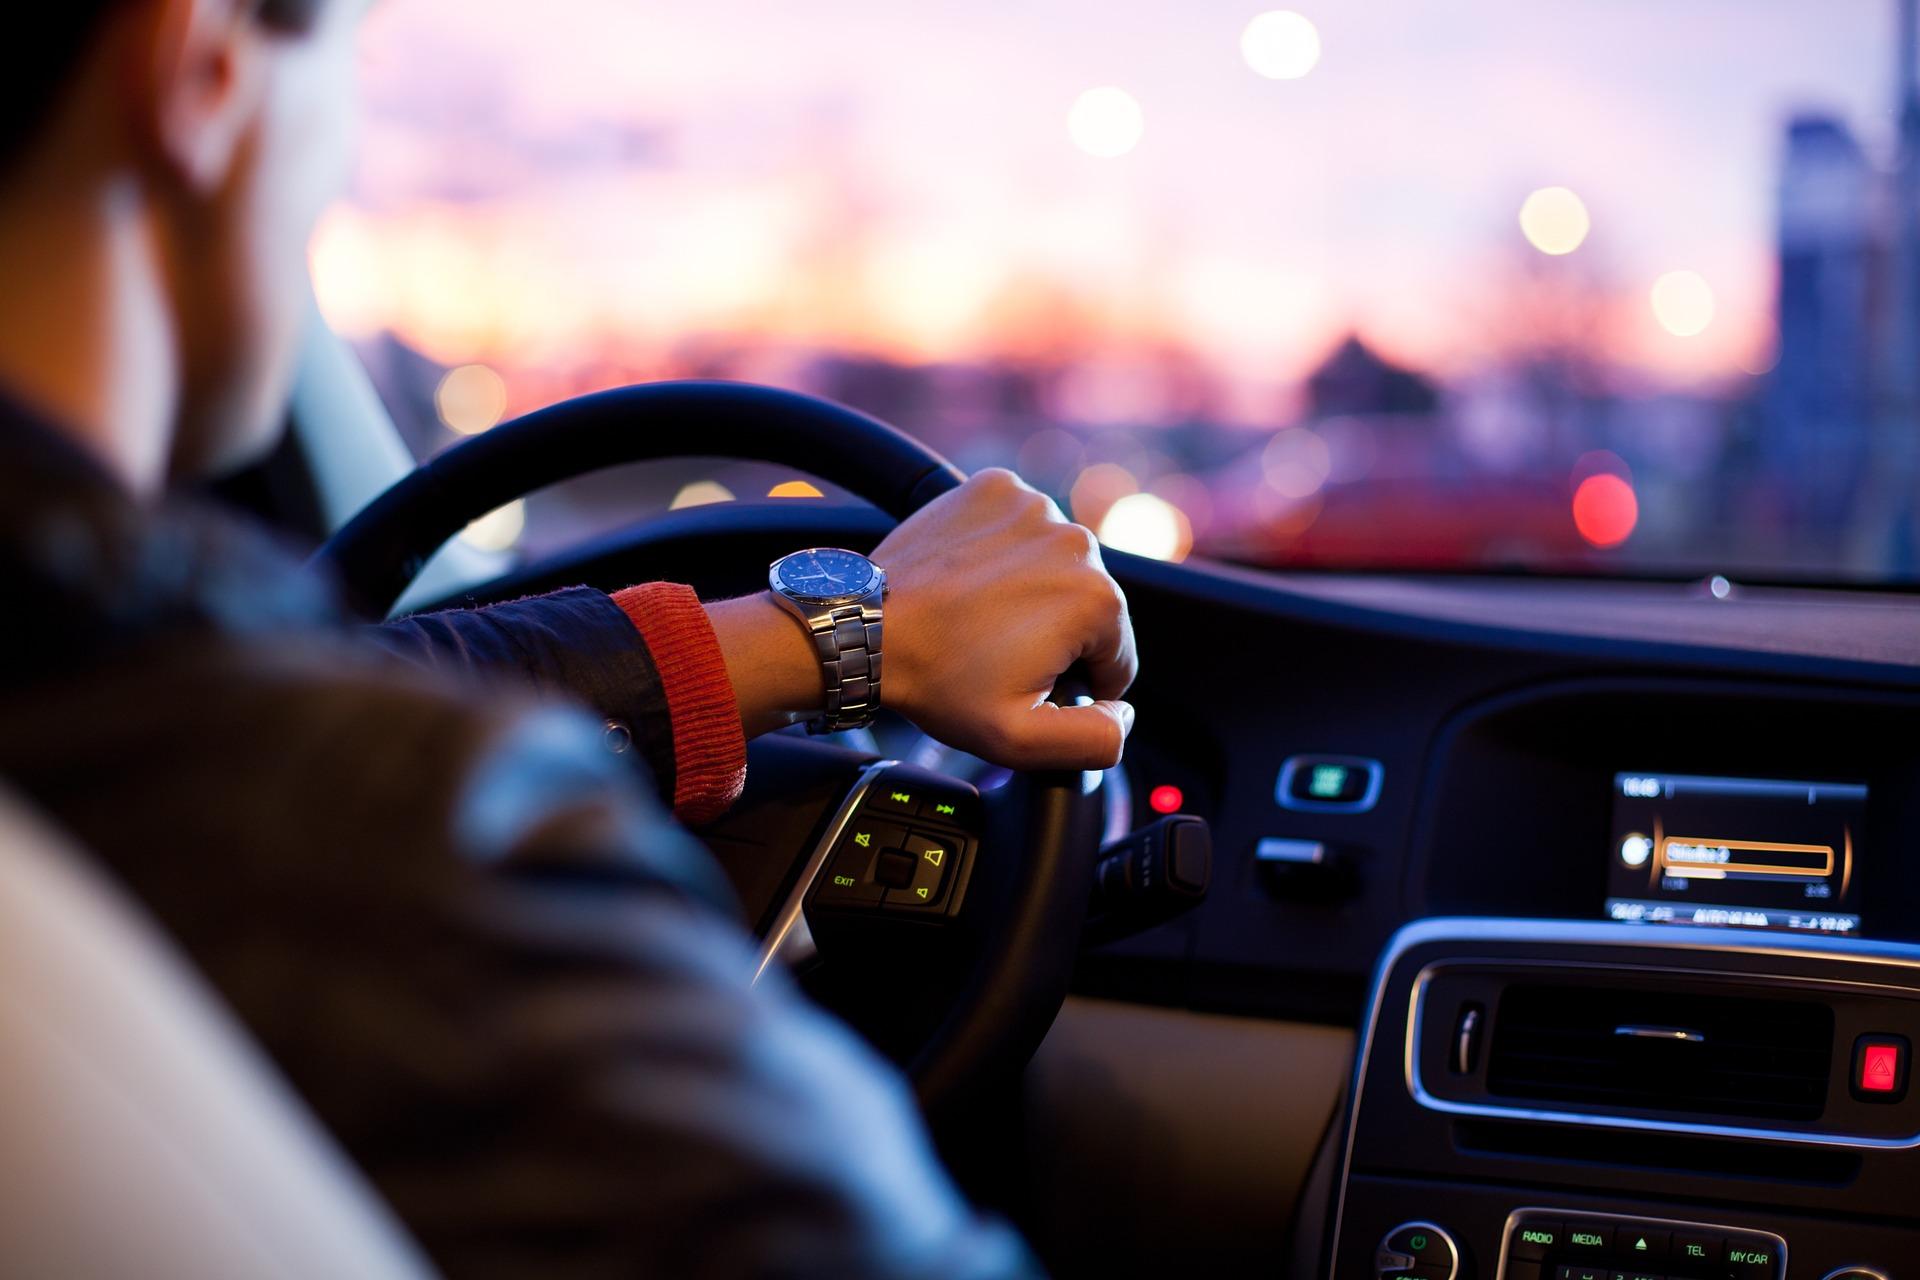 La santé financière de BlaBlaCar serait fragile